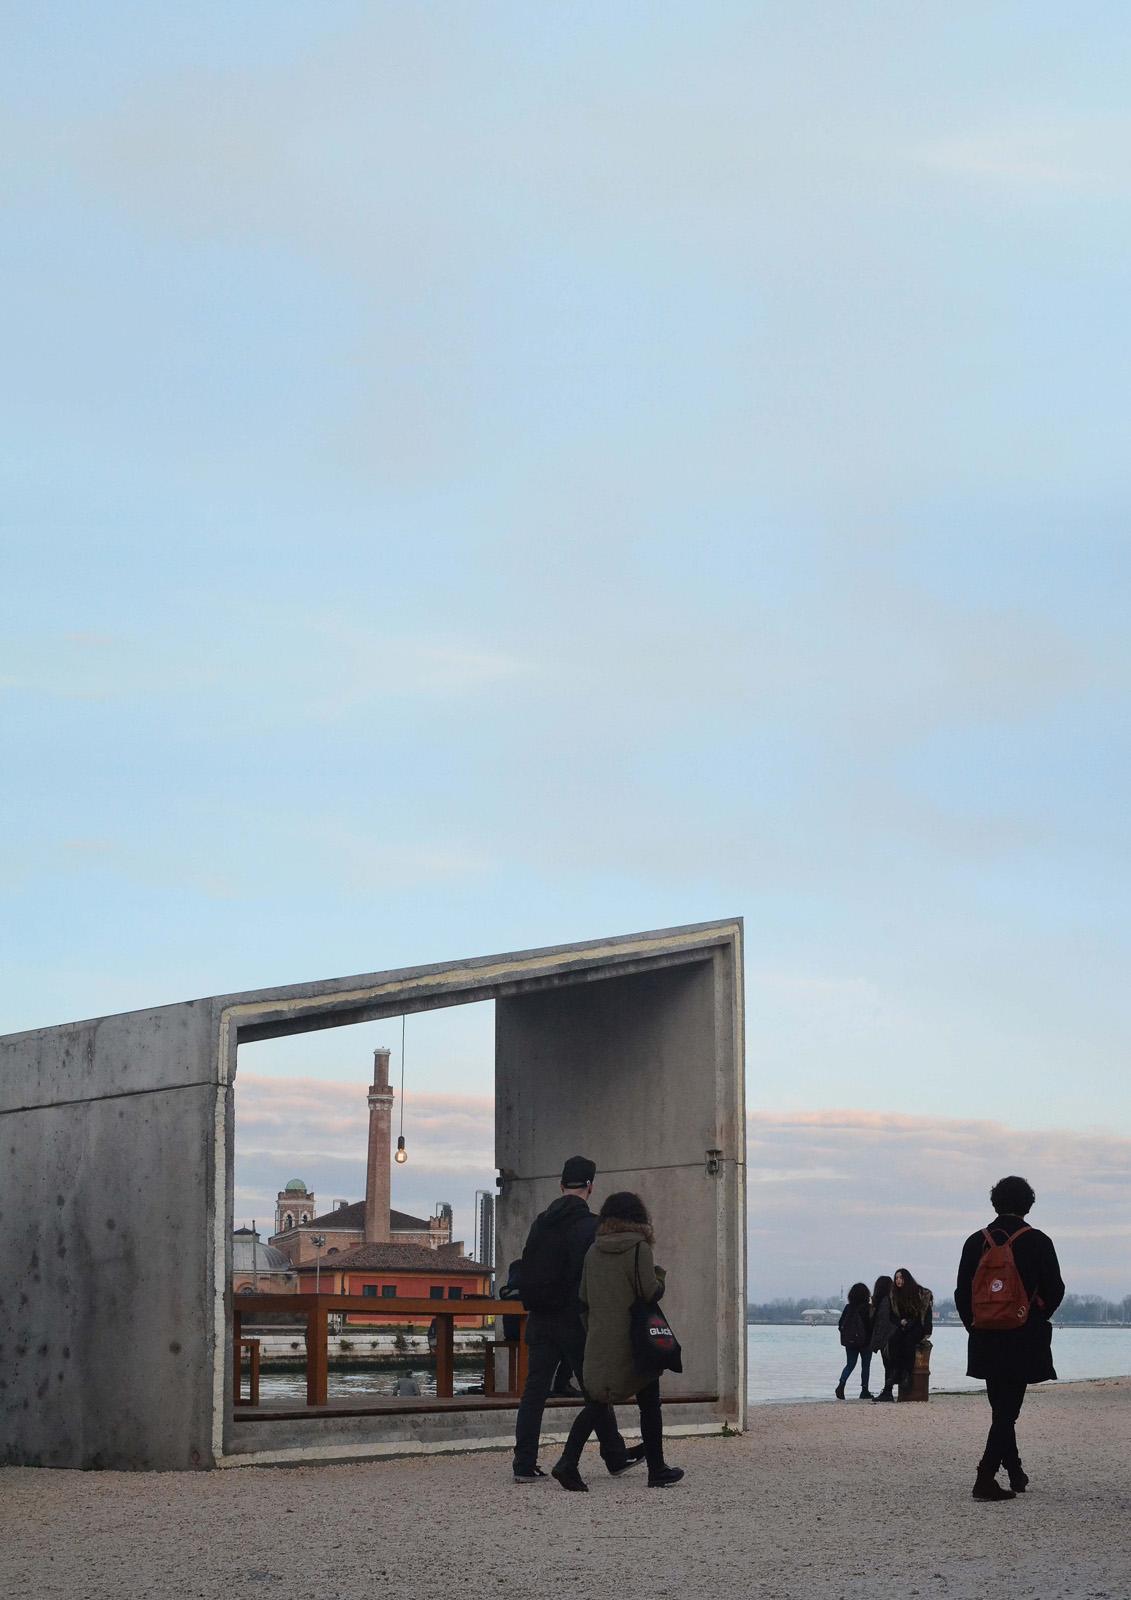 La Bienale di Venezia Summary